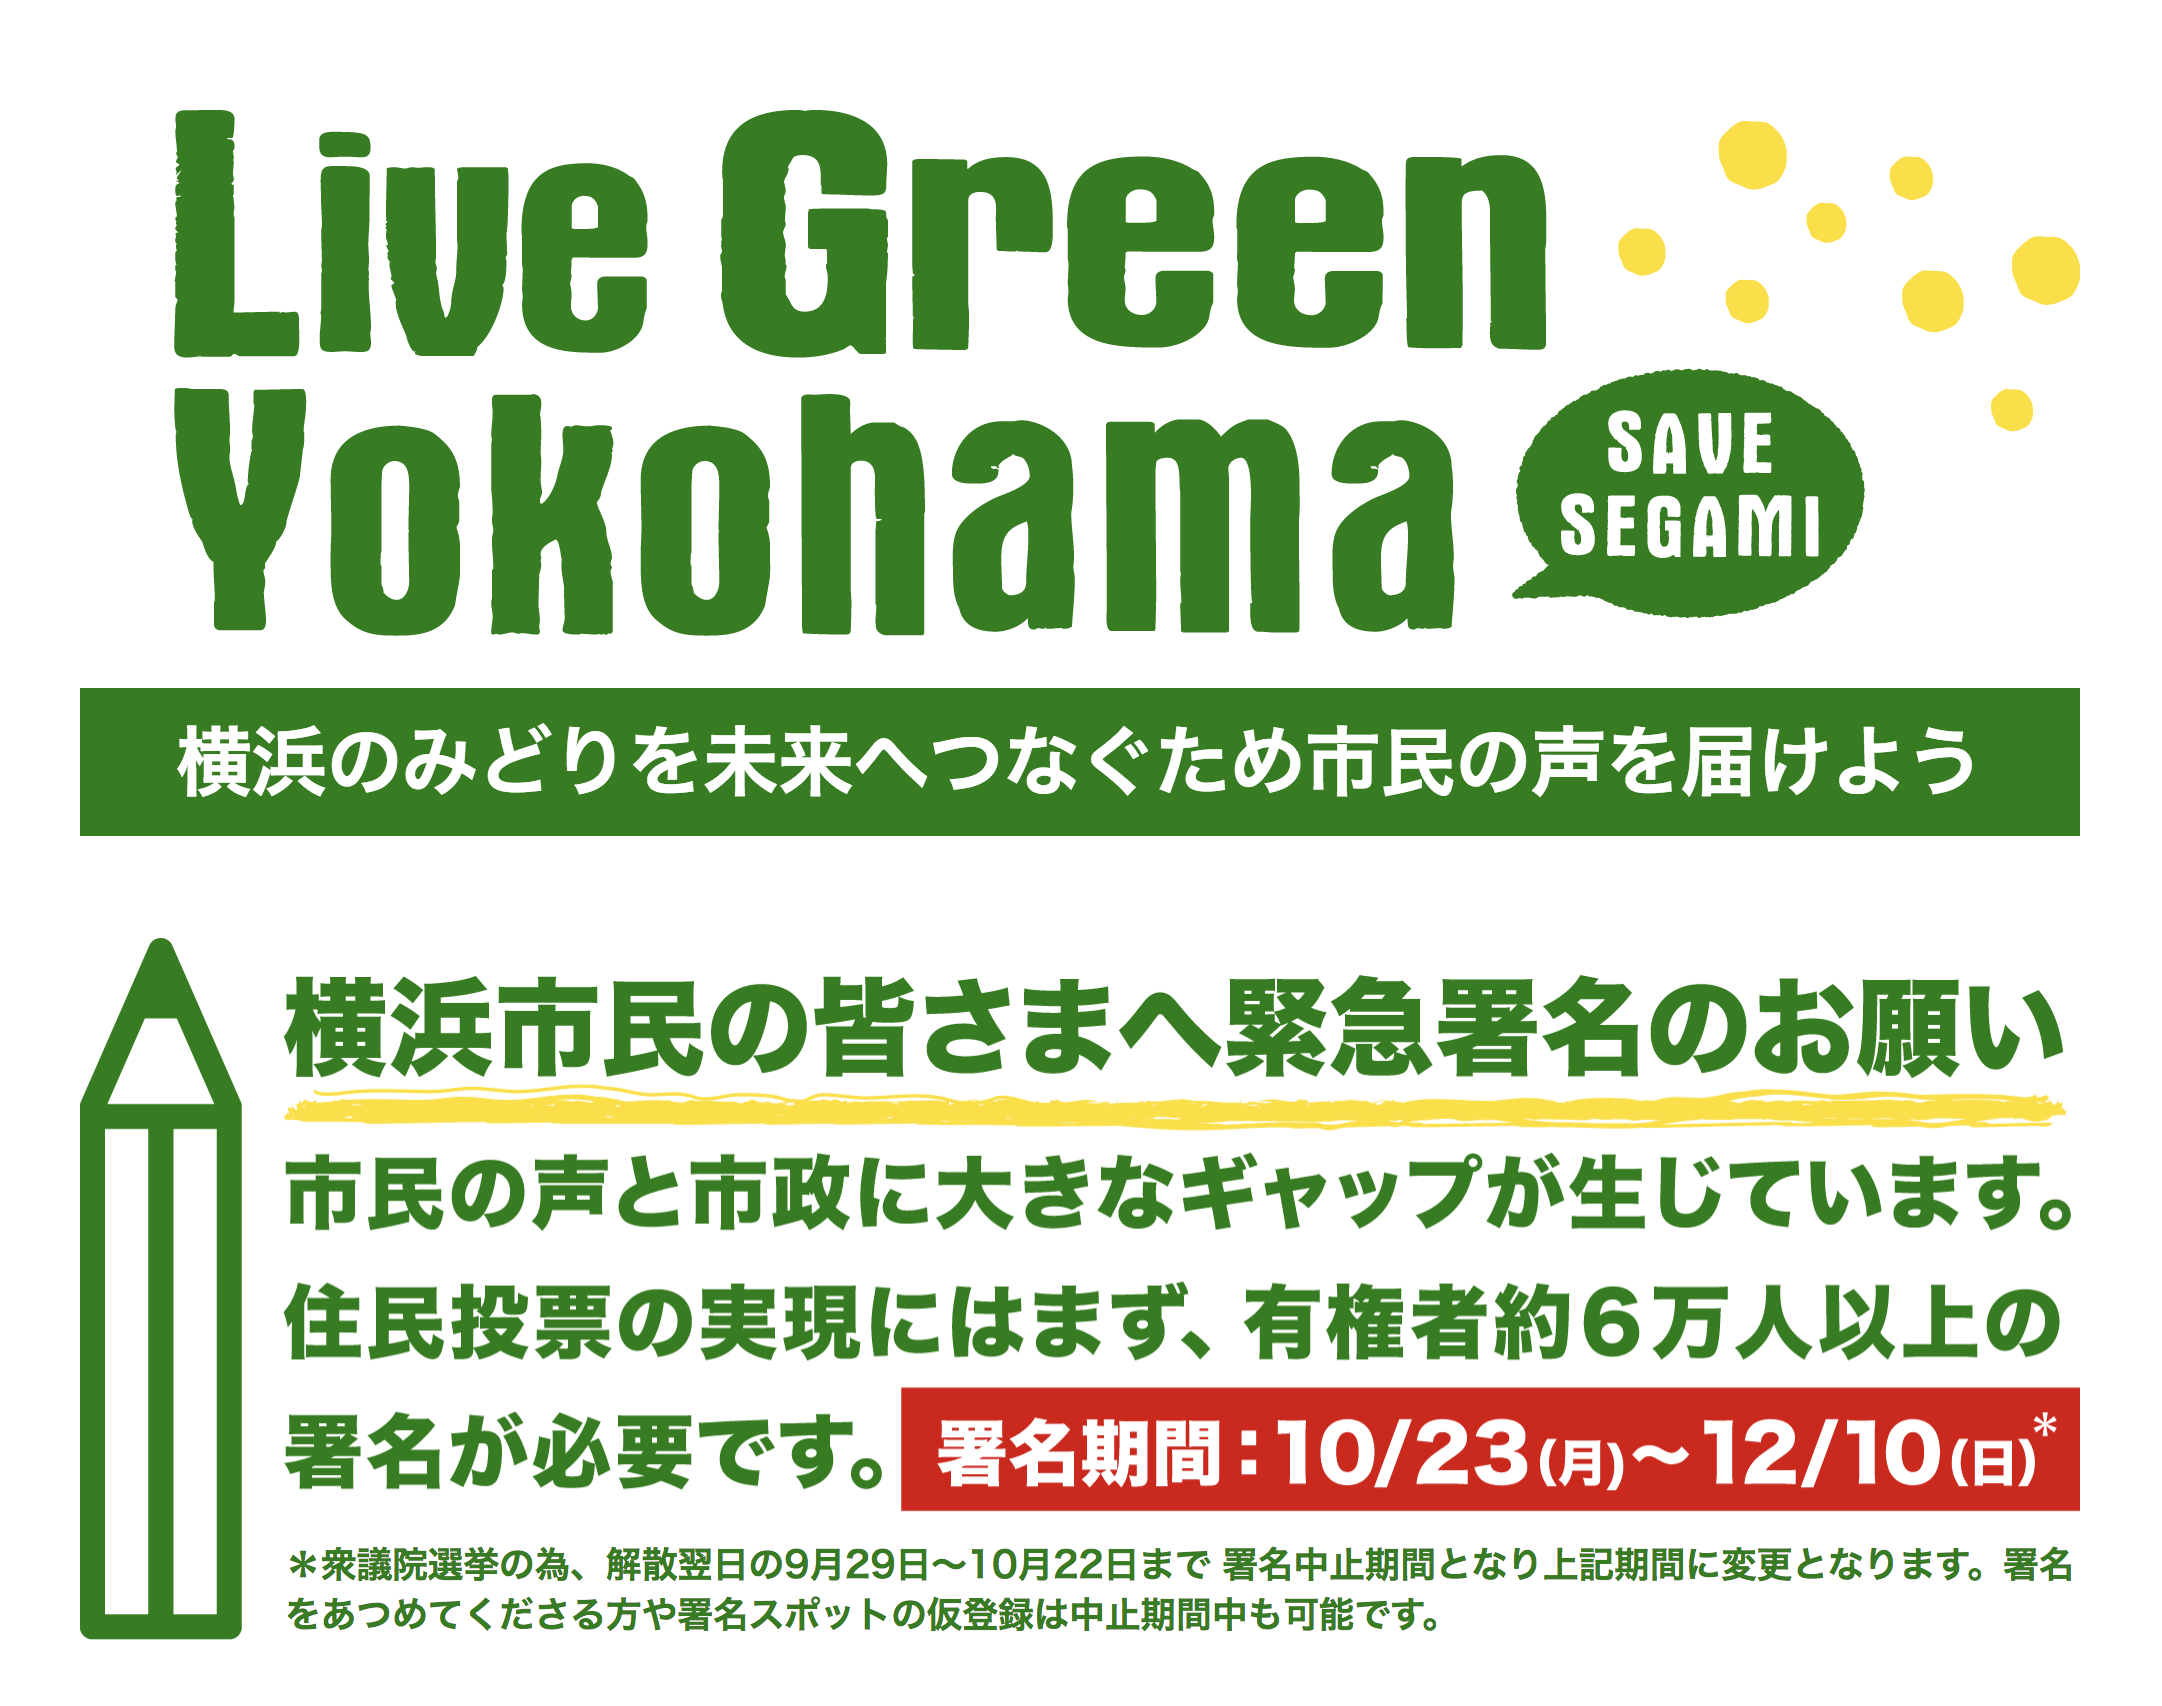 live green yokohama